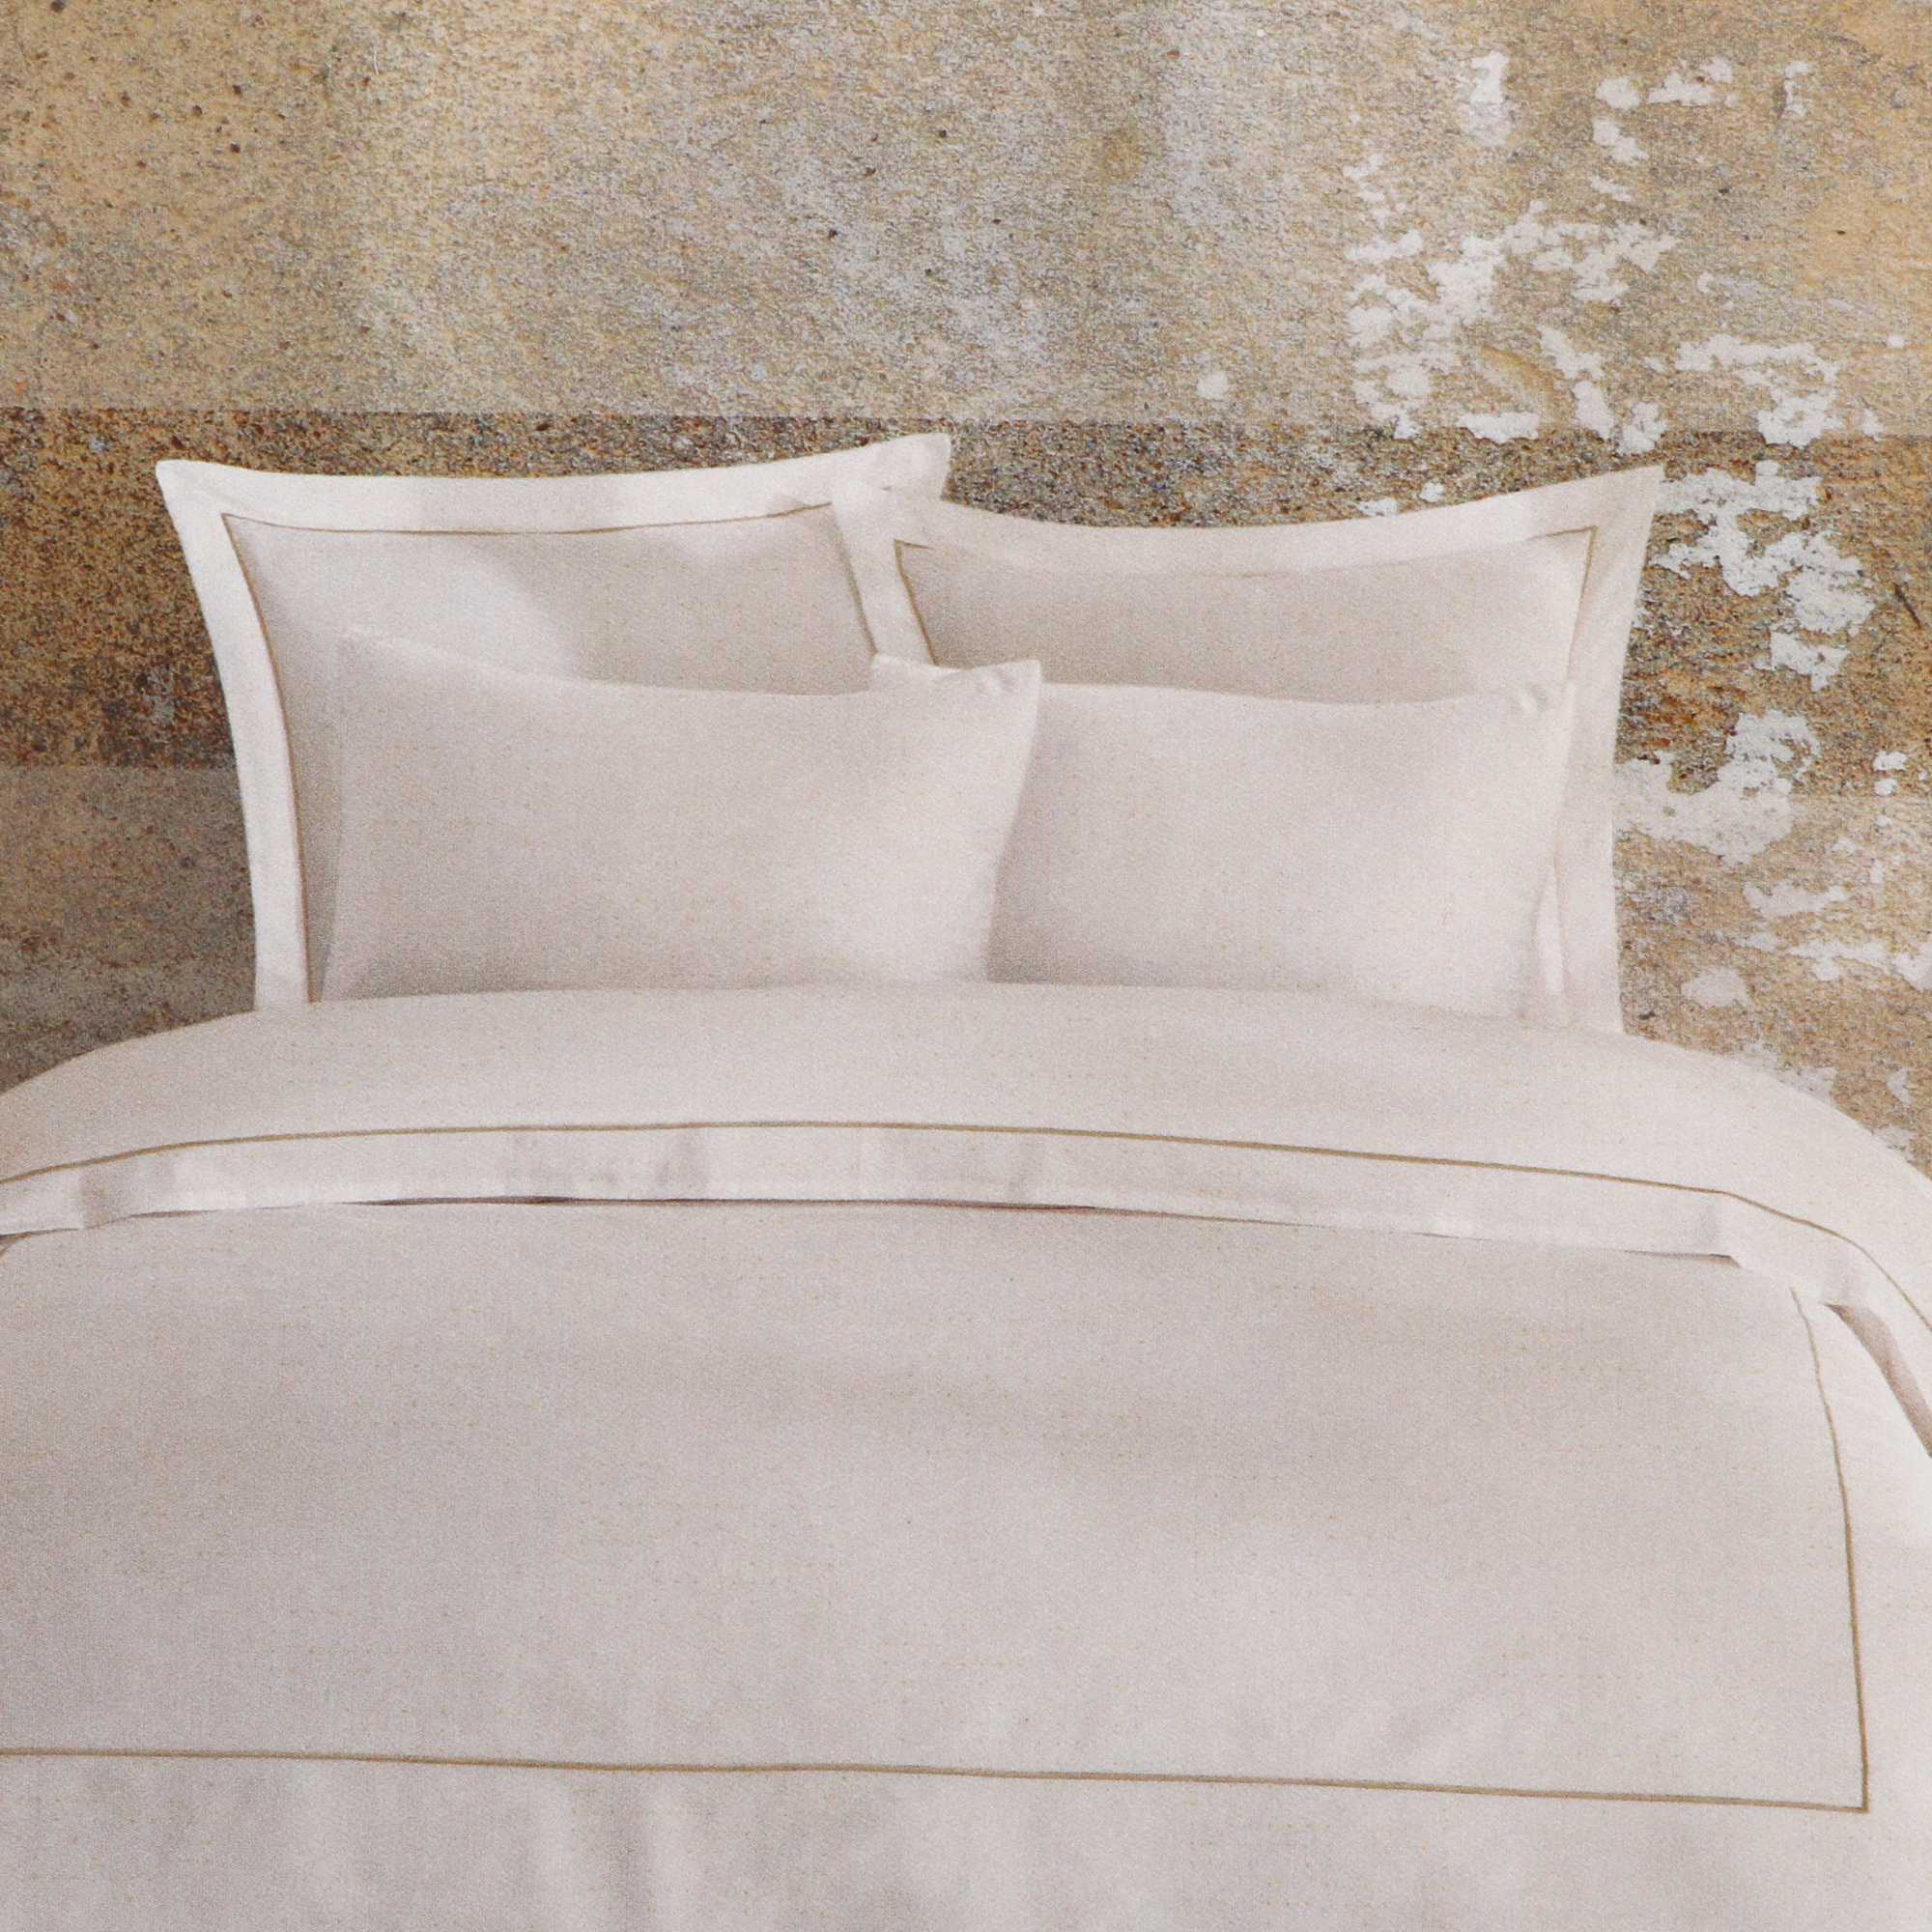 Постельный комплект Bella casa 1.5сп white / golden olive stripes